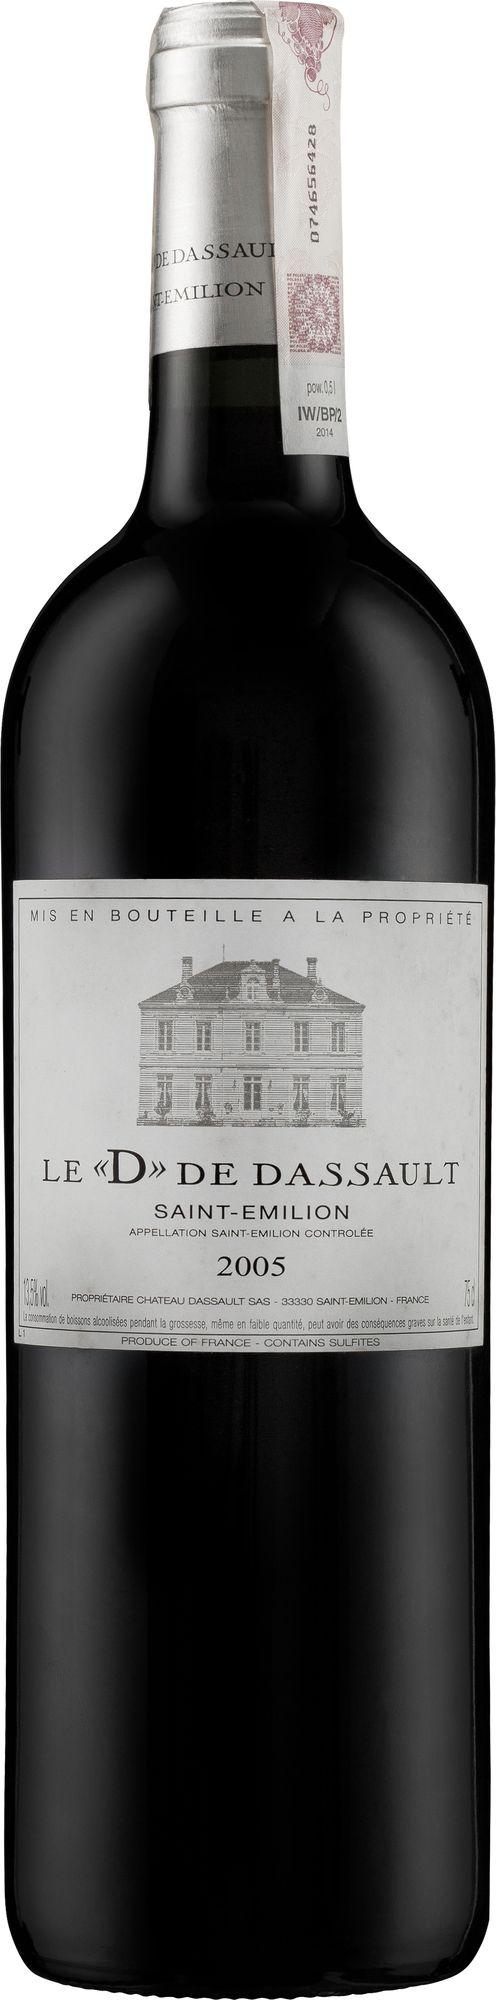 Wino D de Deessault z 2005 roku